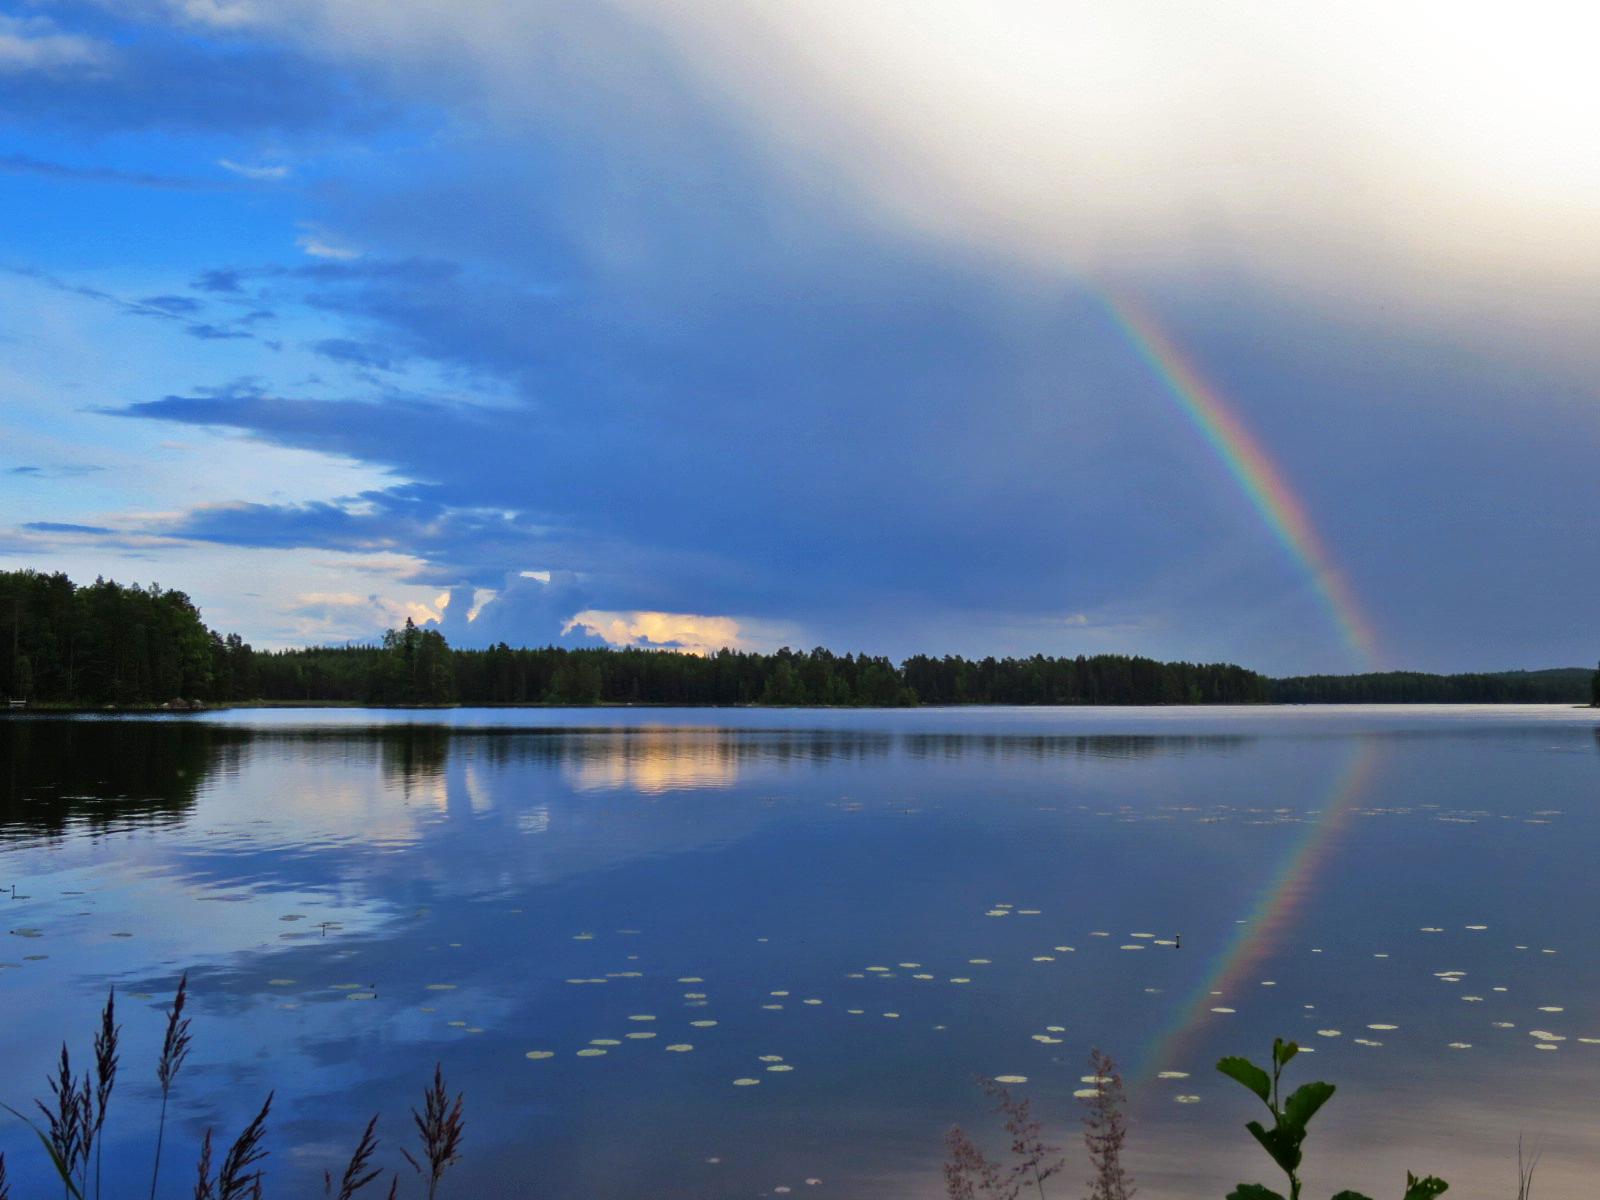 sateenkaari sinisellä taivaalla ja heijastumana järvessä.